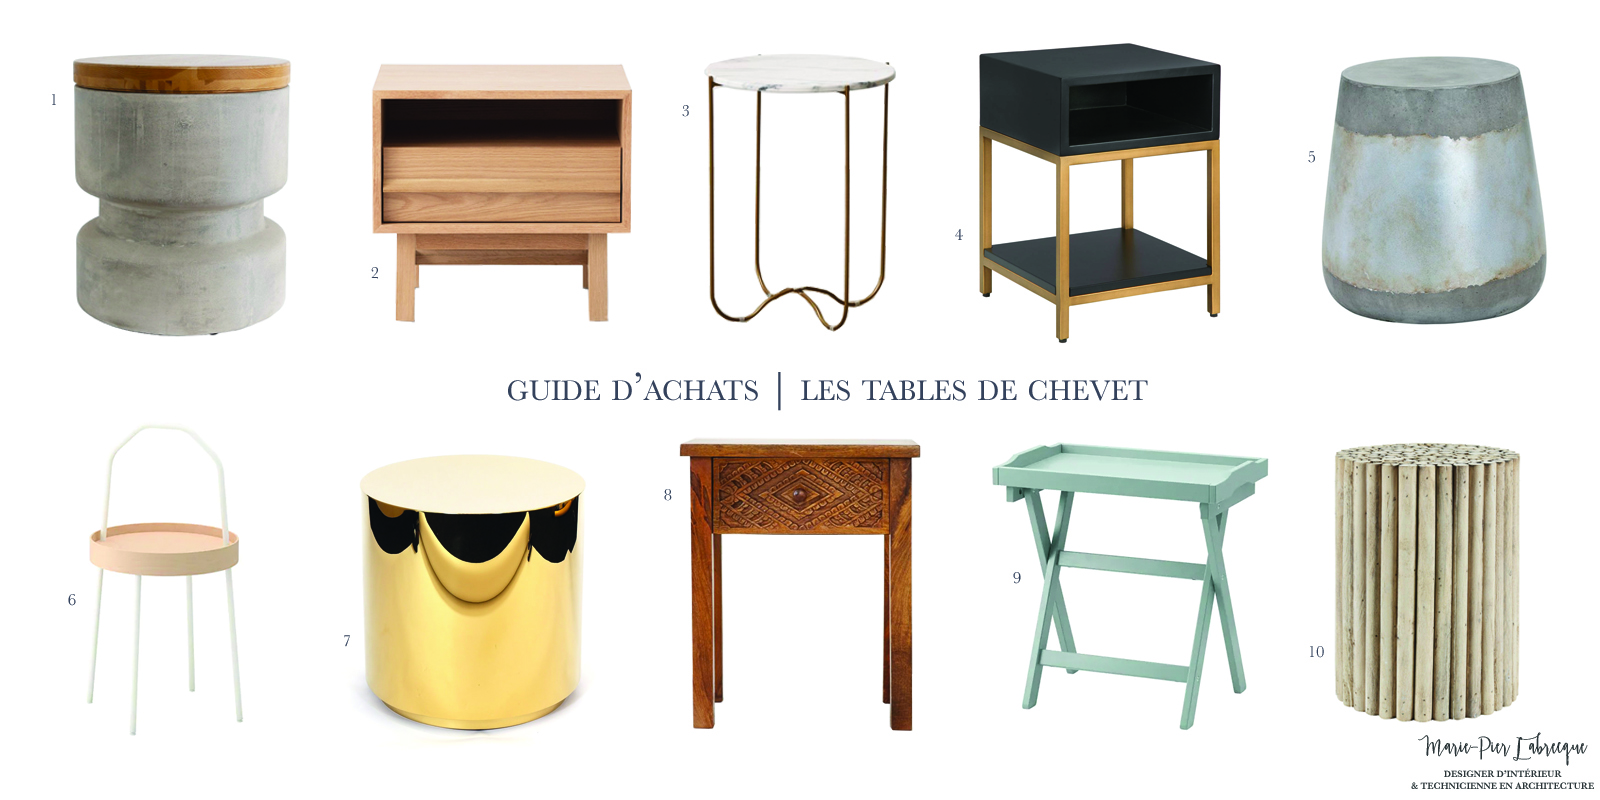 Guide d'achats les tables de chevet.jpg